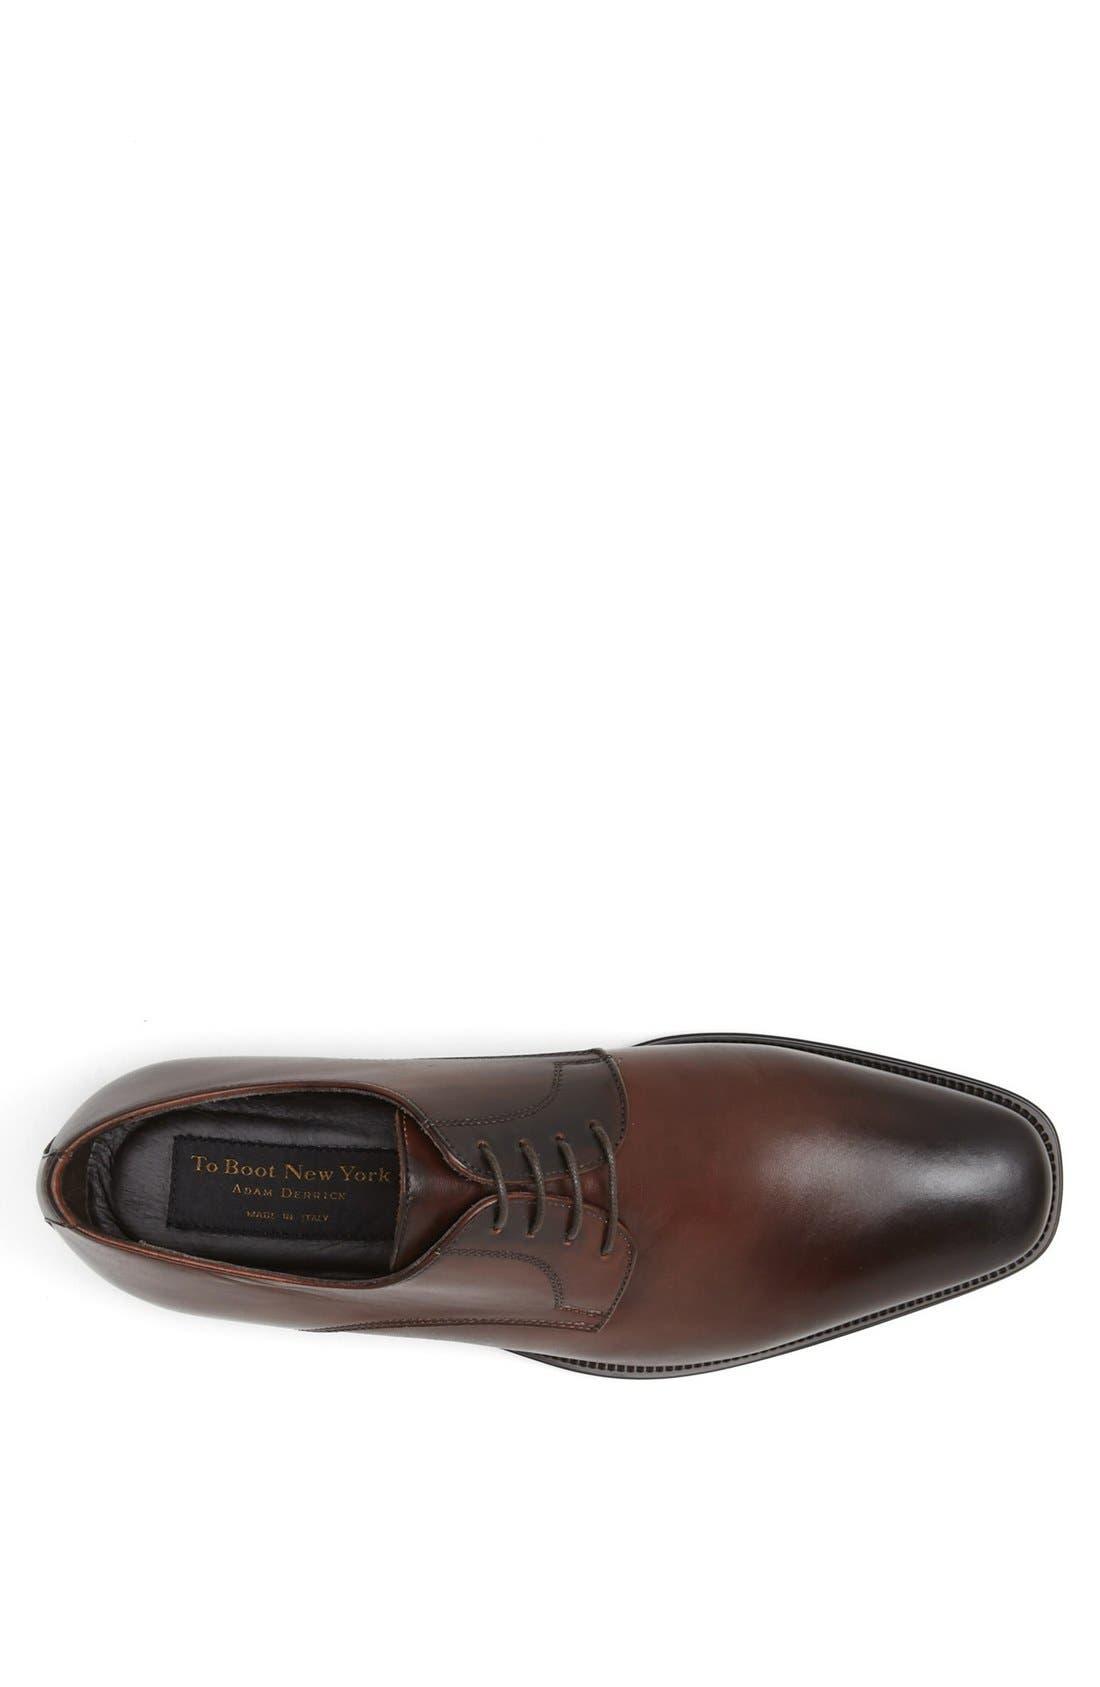 Alternate Image 5  - To Boot New York 'Felix' Plain Toe Derby (Men)